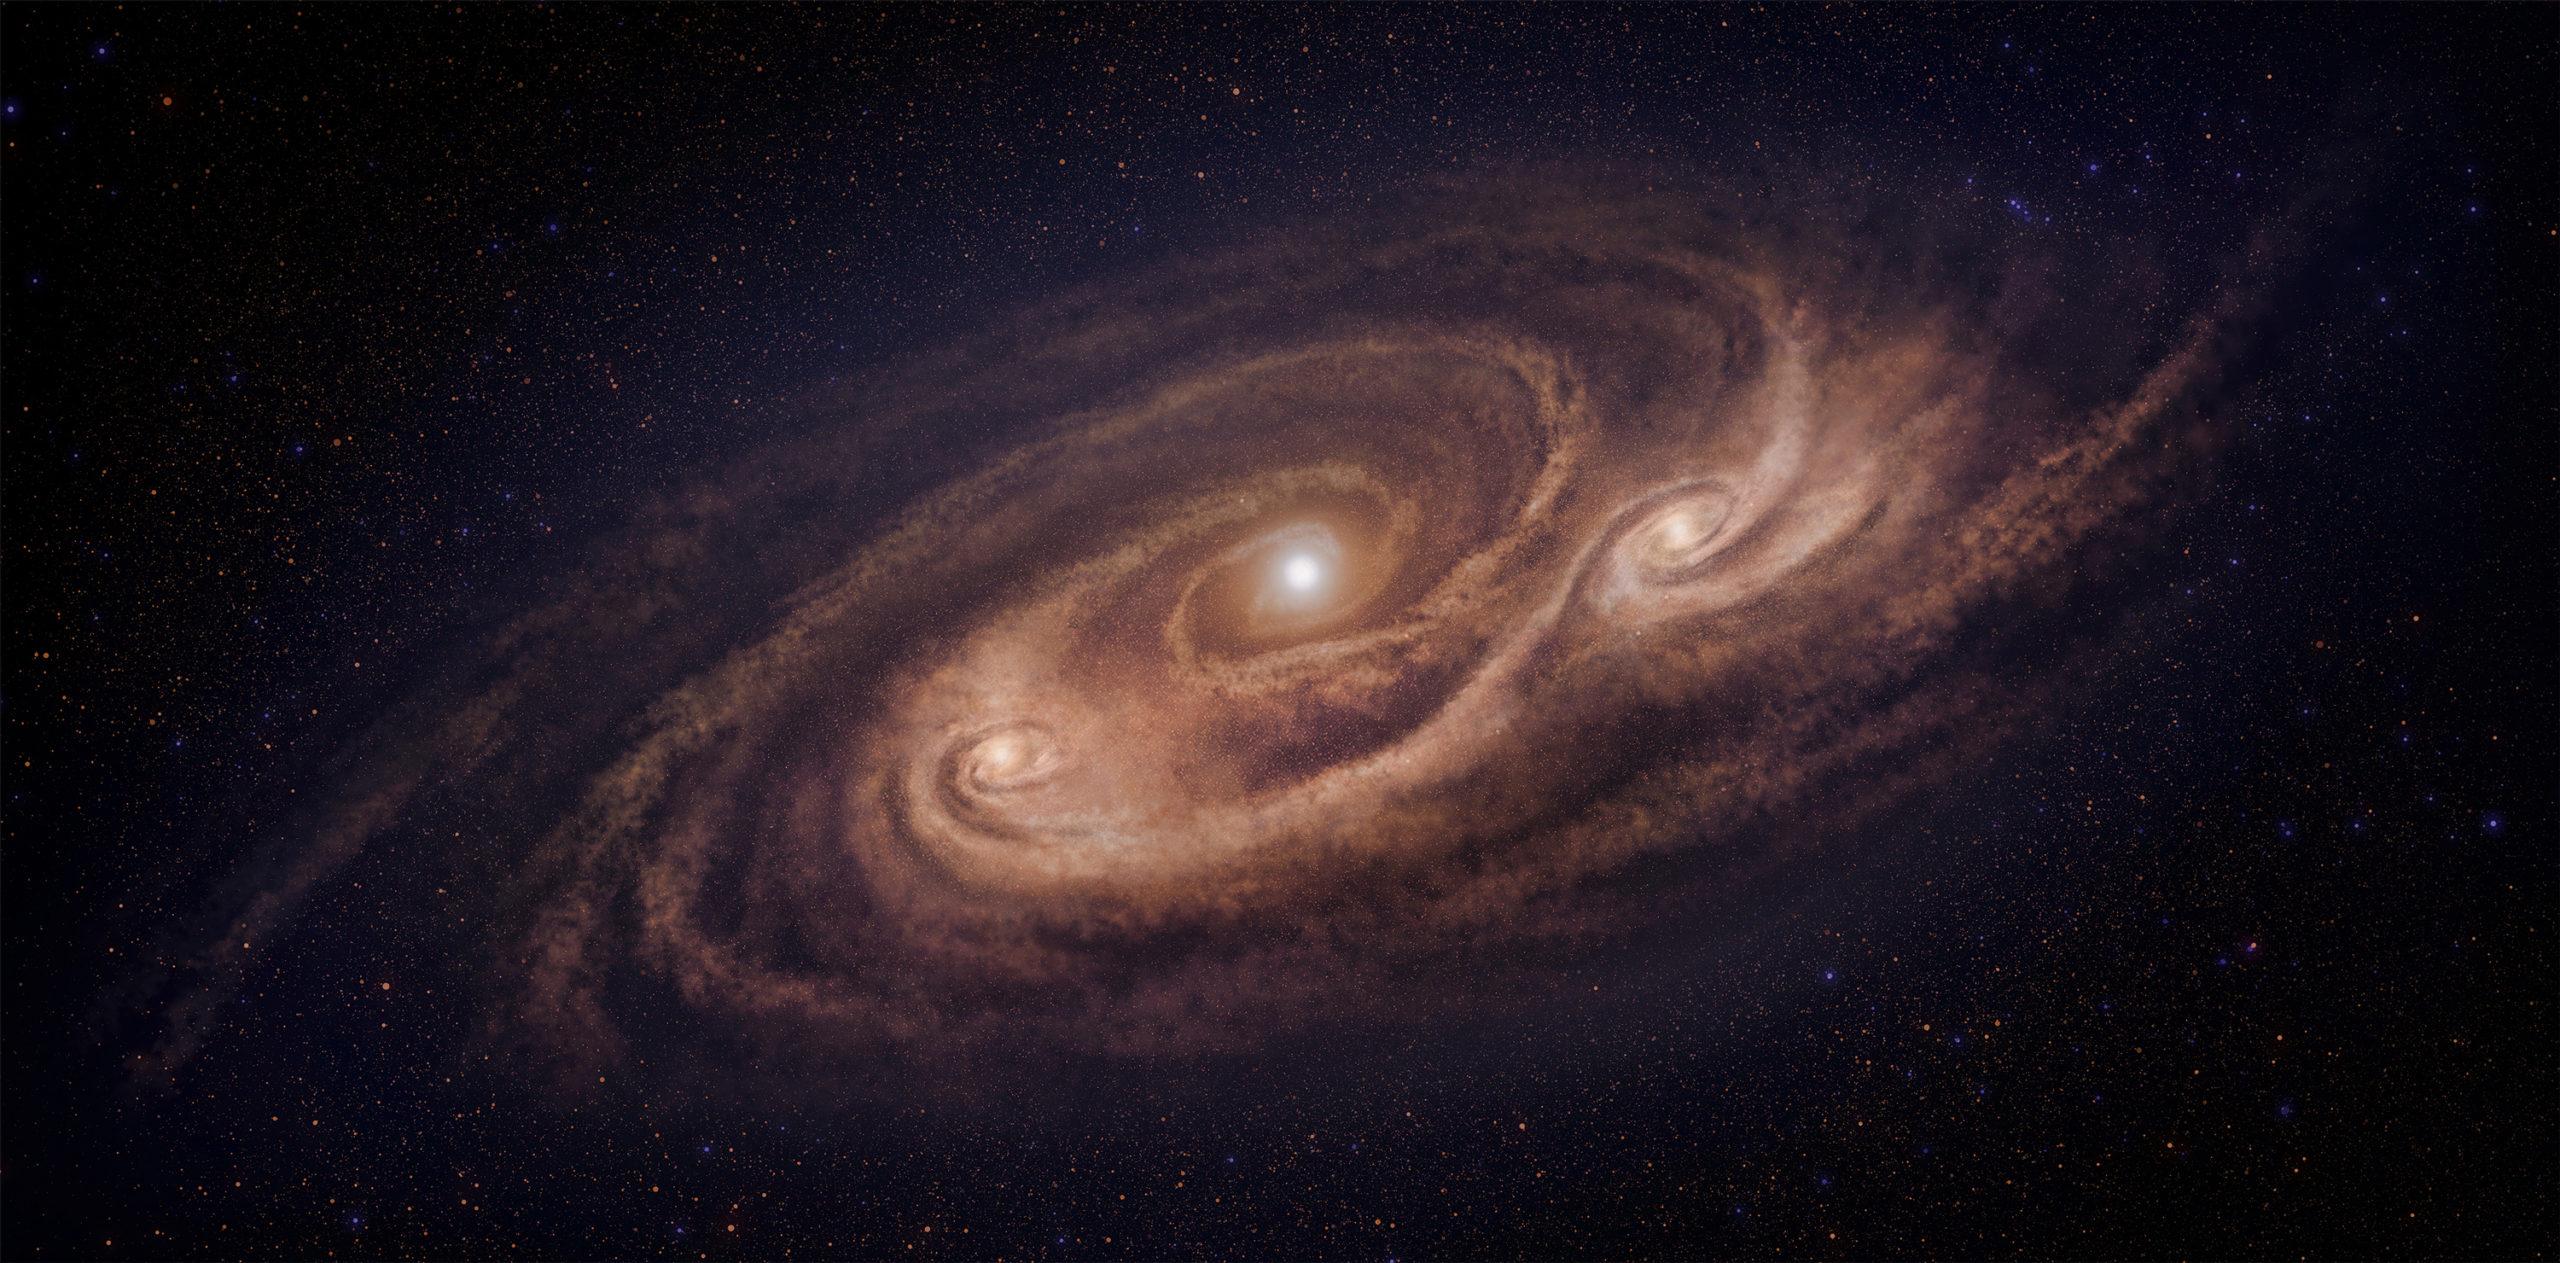 Representación artística de la galaxia monstruosa COSMOS-AzTEC-1